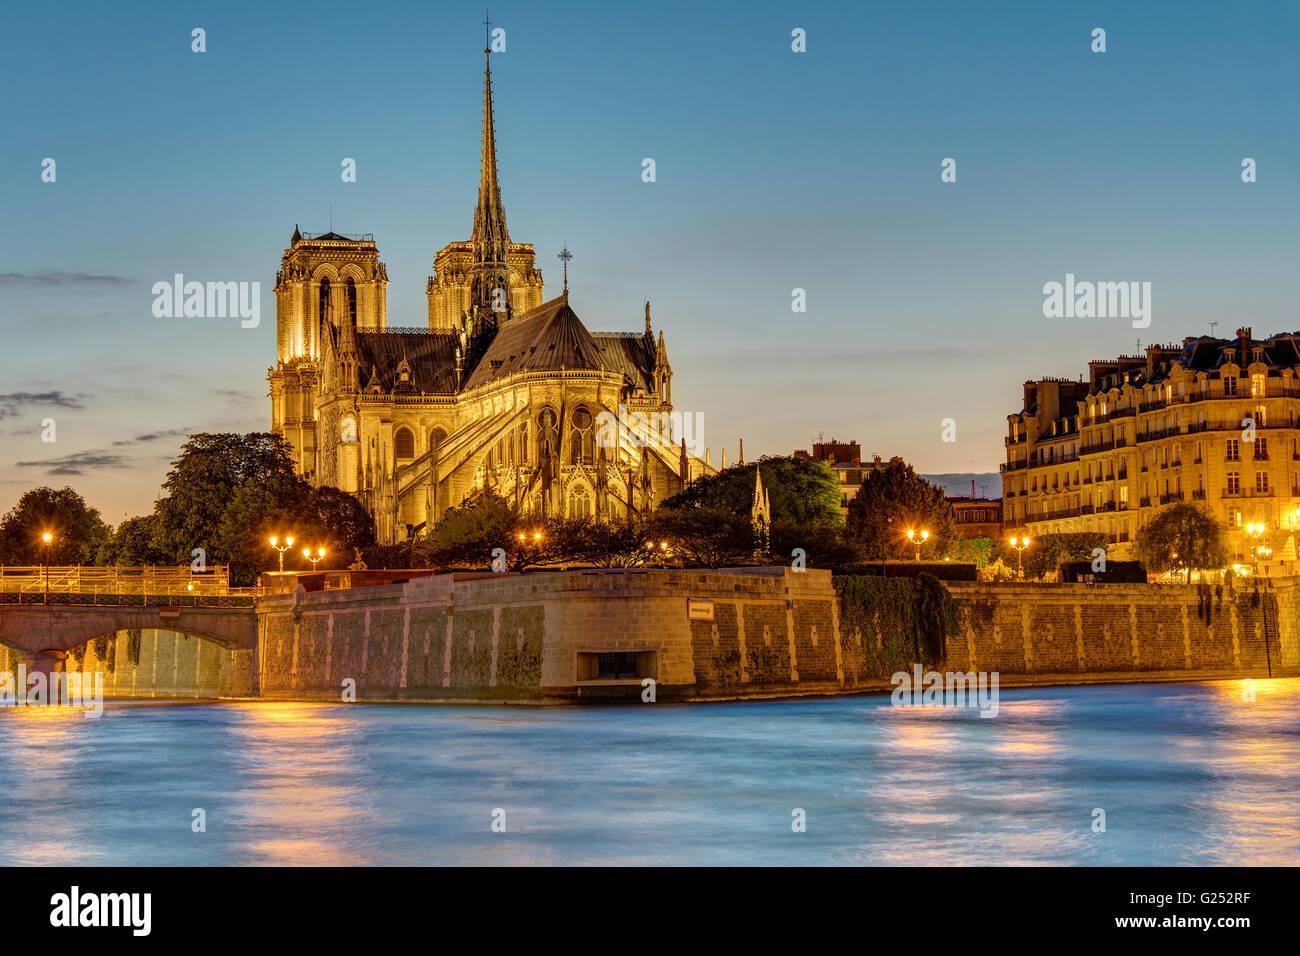 La célèbre Cathédrale Notre Dame de Paris à l'aube Photo Stock